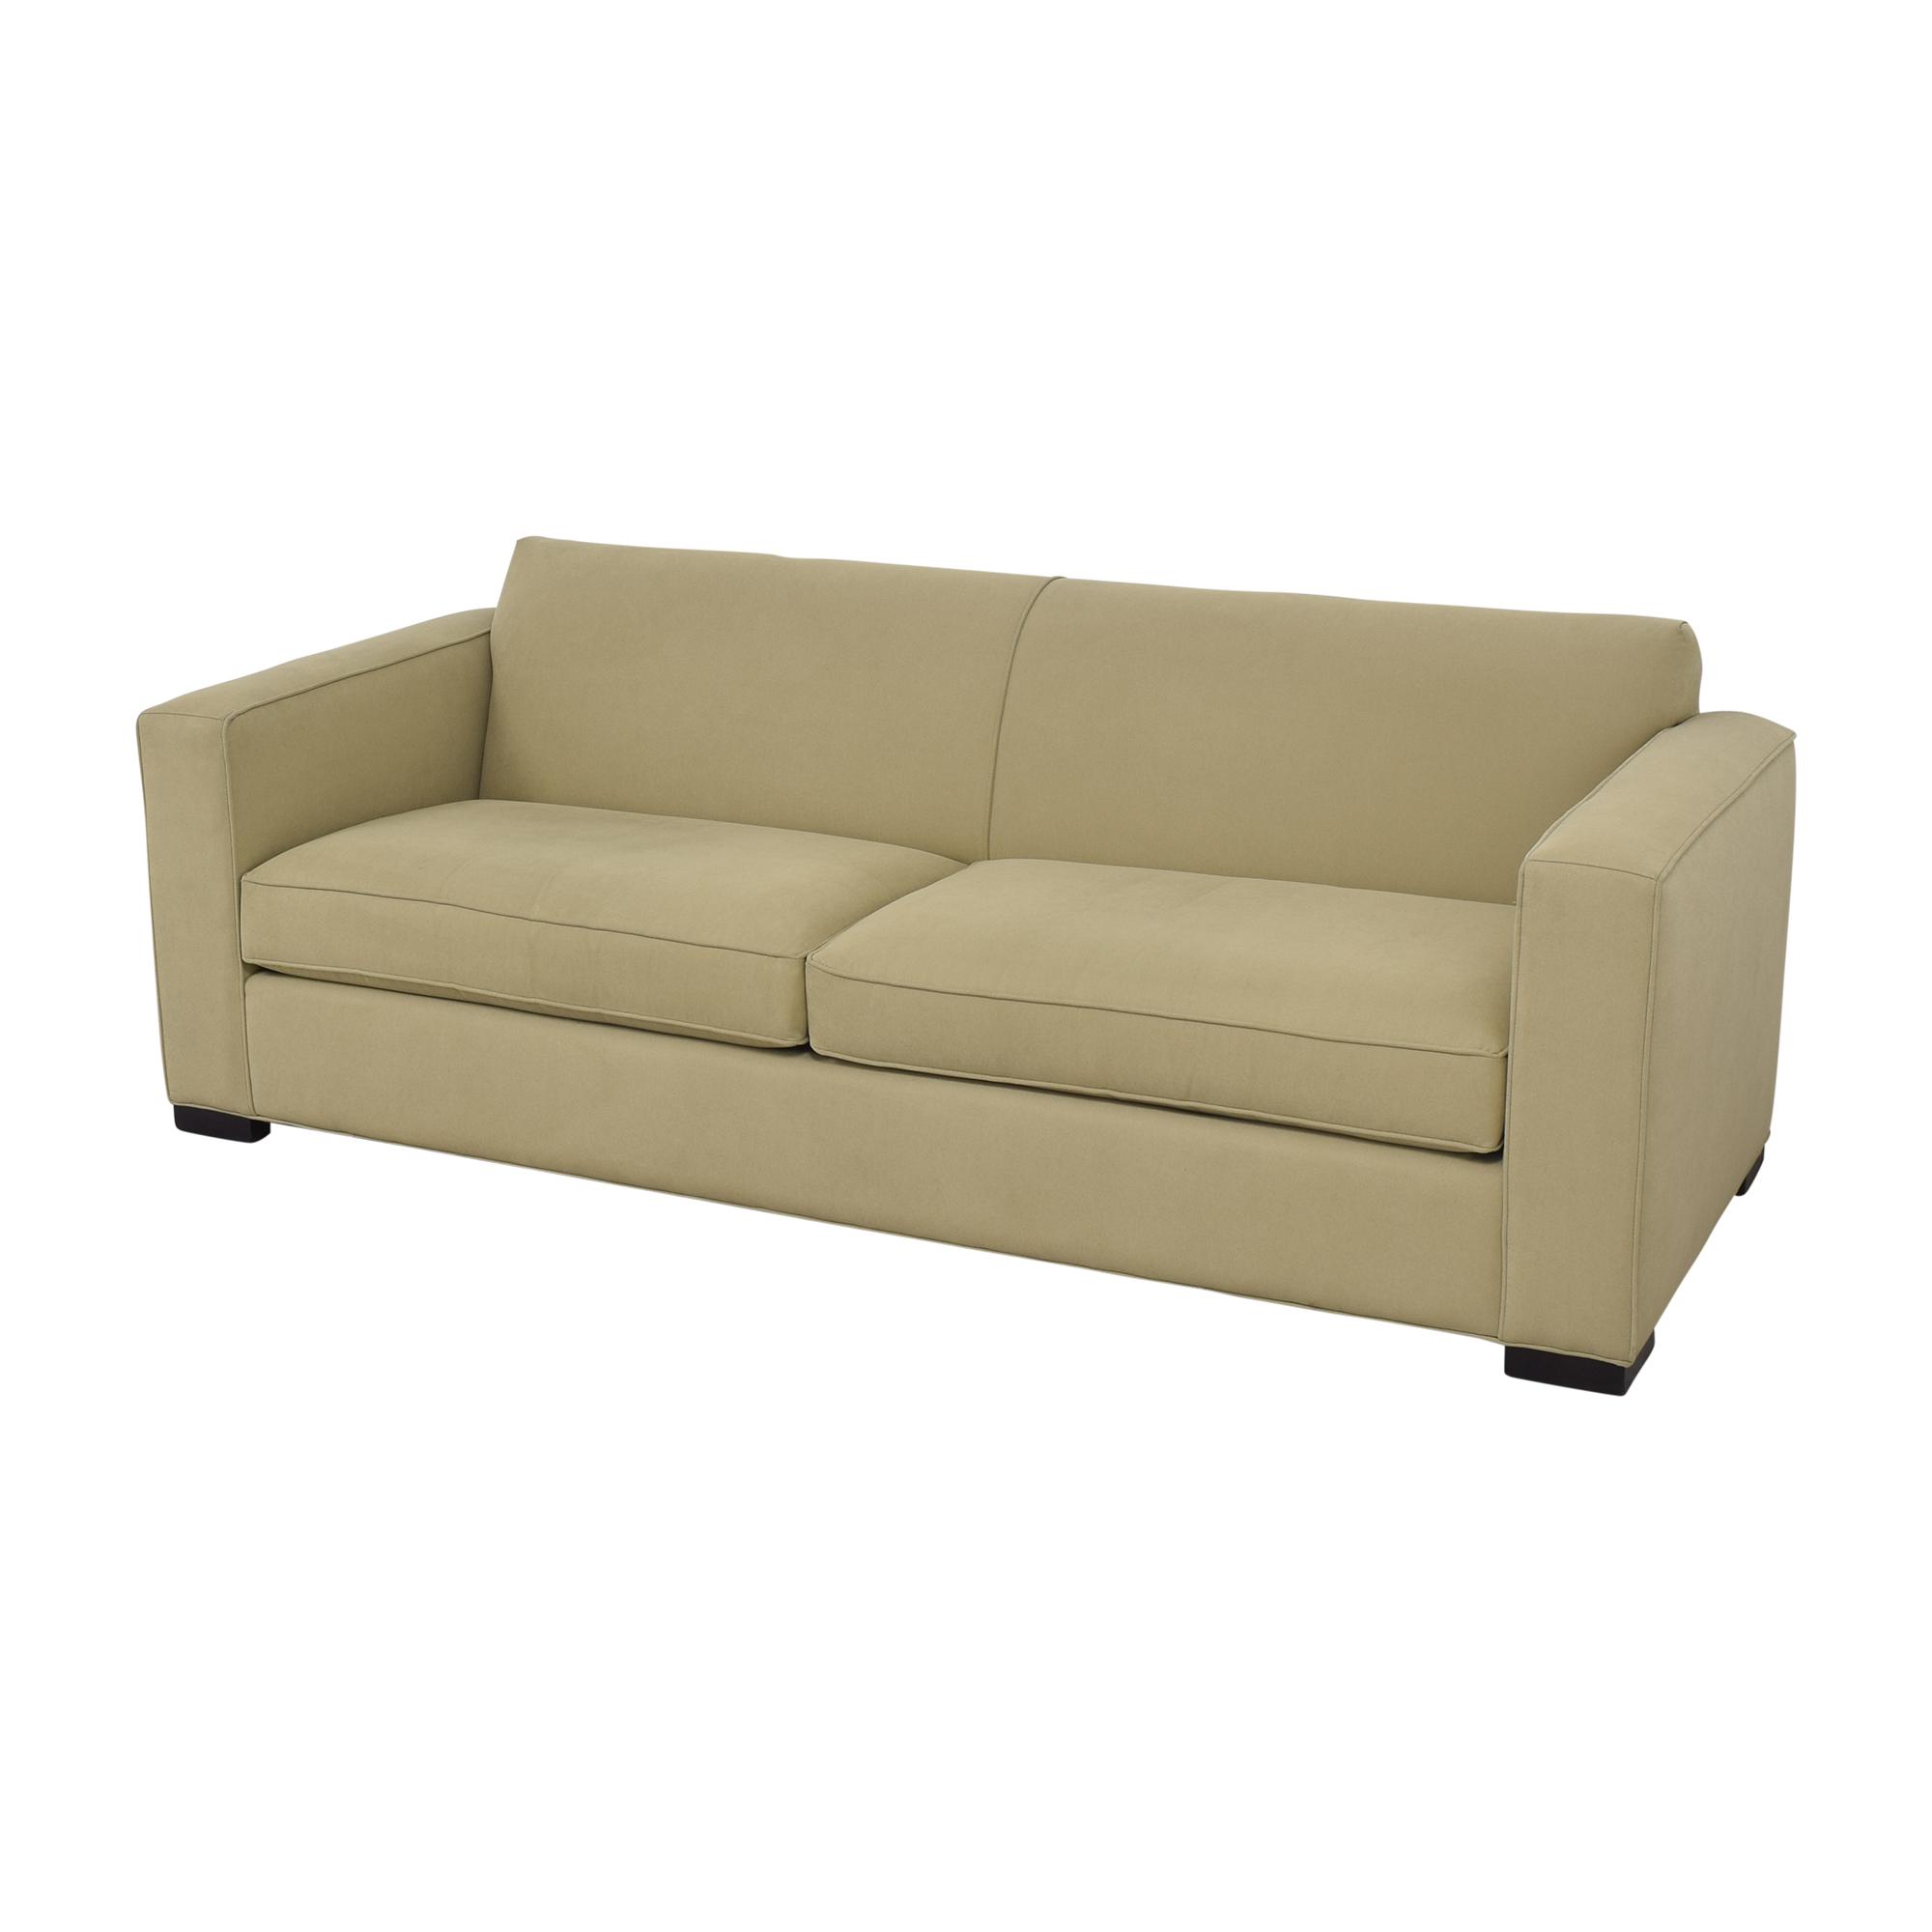 buy Room & Board Ian Two Cushion Sofa Room & Board